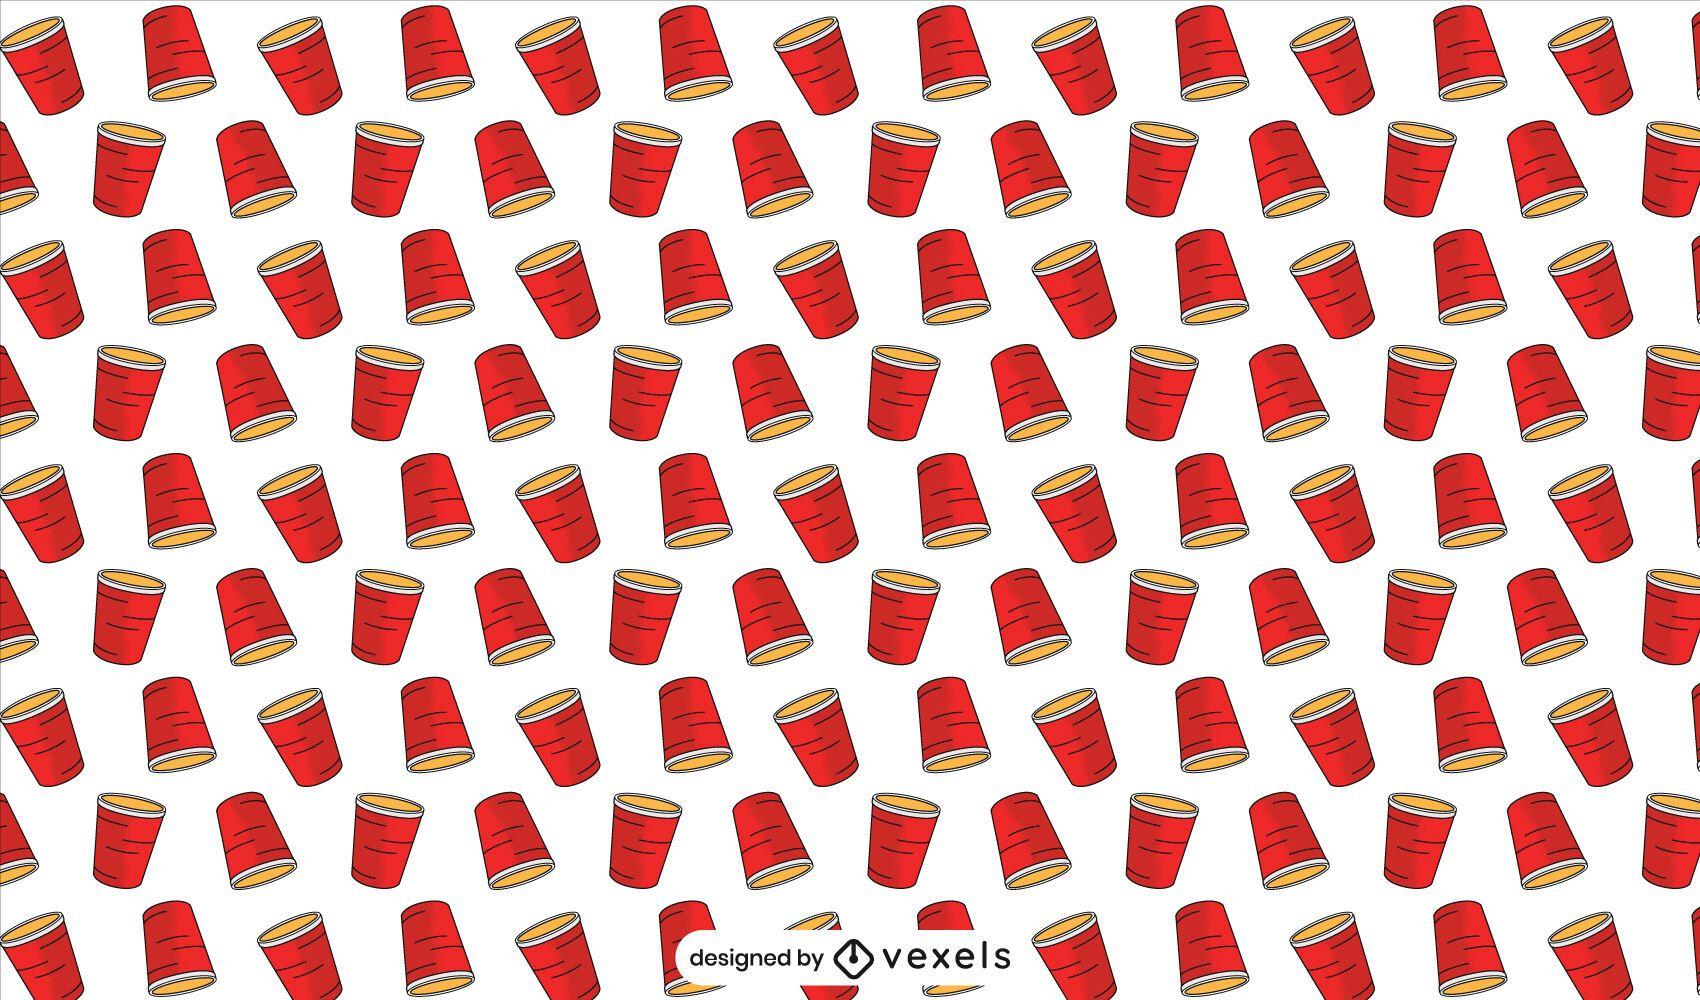 Diseño de patrón de tazas rojas